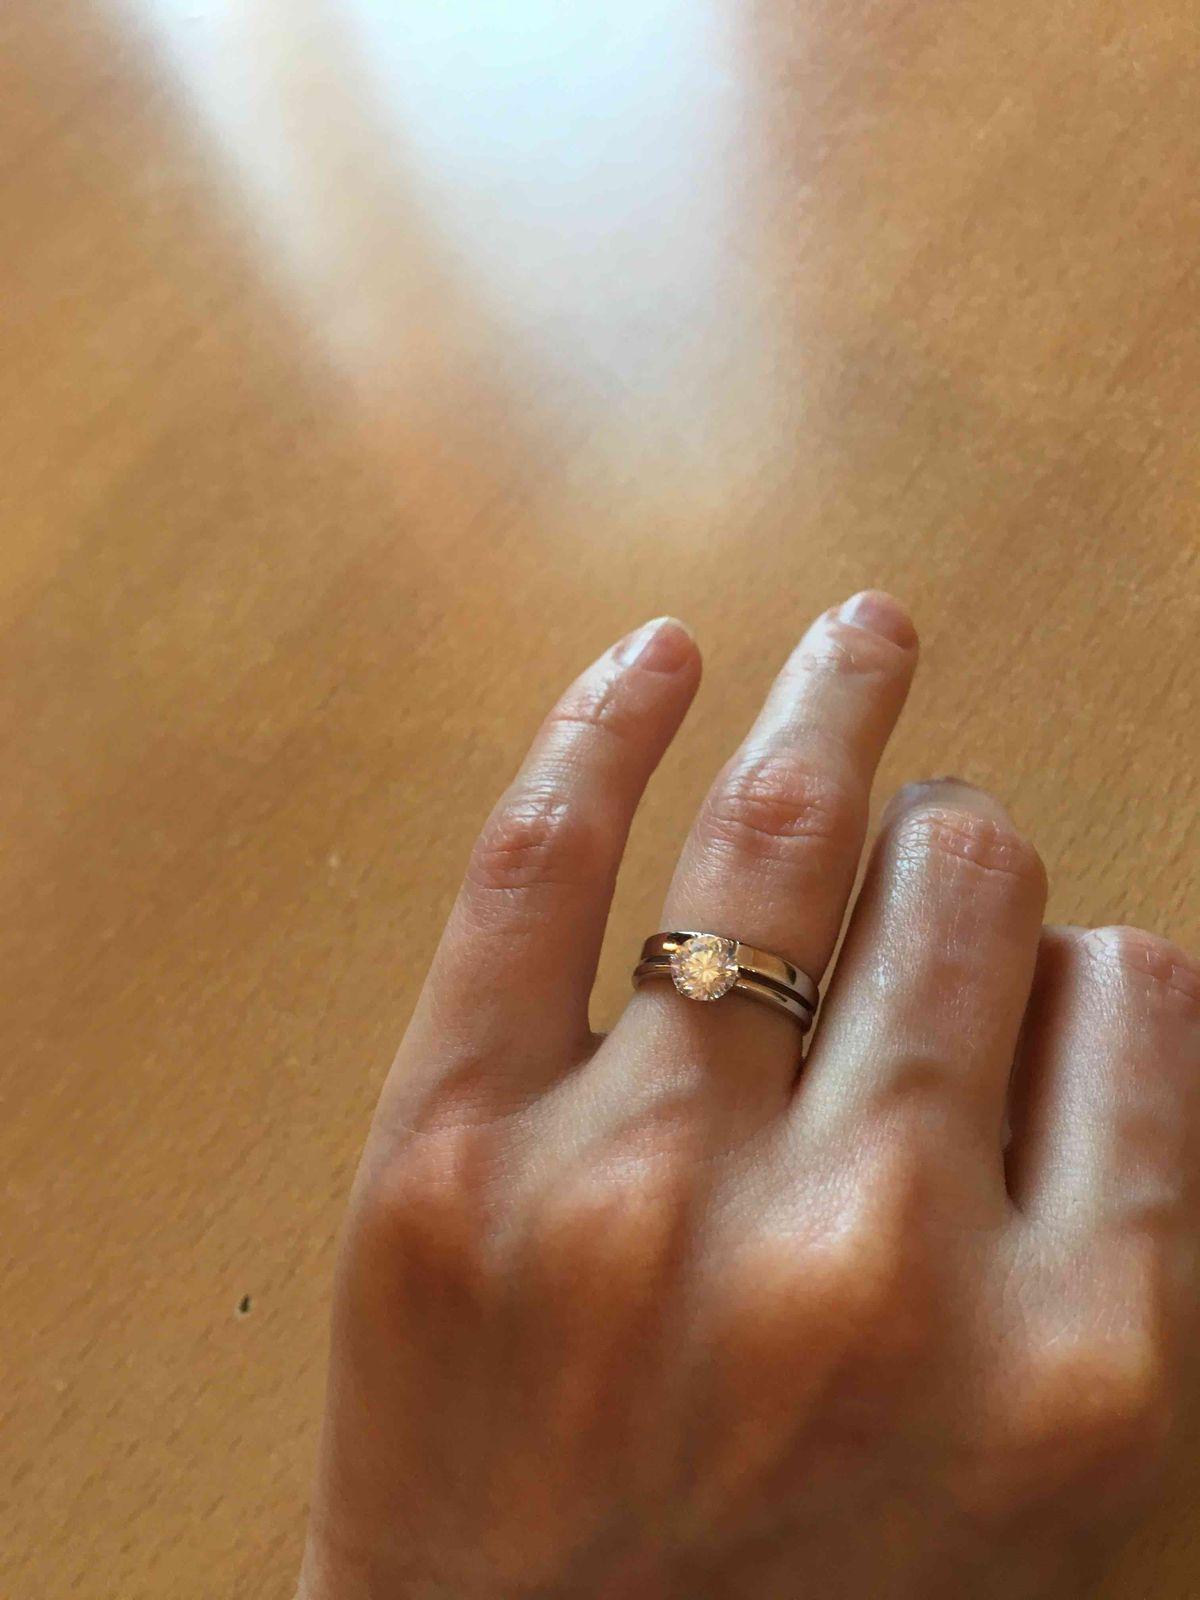 Кольцо заказала через интернет, пришло не пожалела что купила.